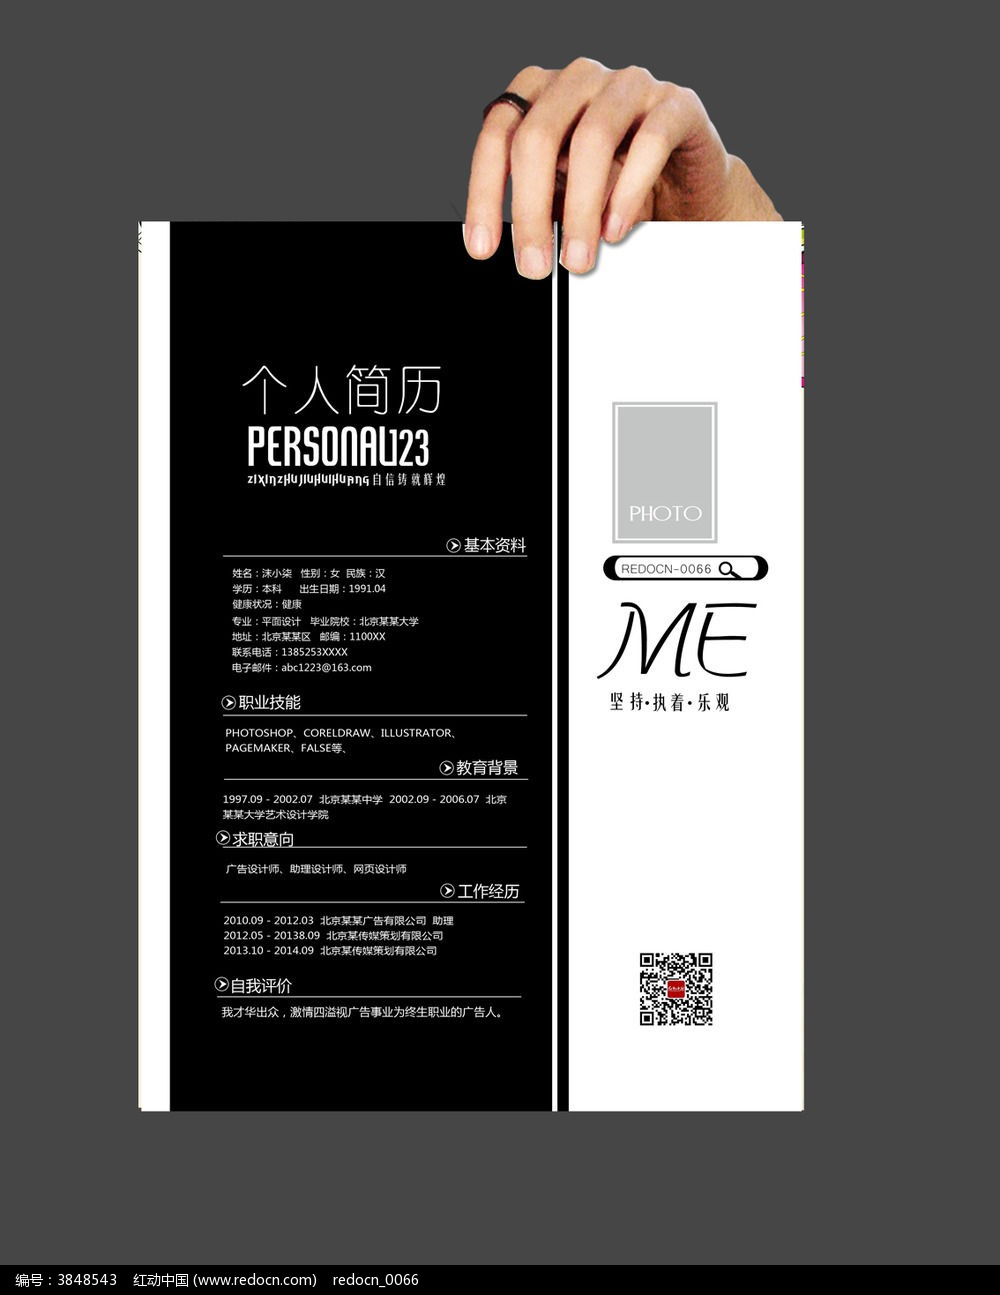 原创设计稿 海报设计/宣传单/广告牌 求职简历 黑白简洁个人简历  请图片